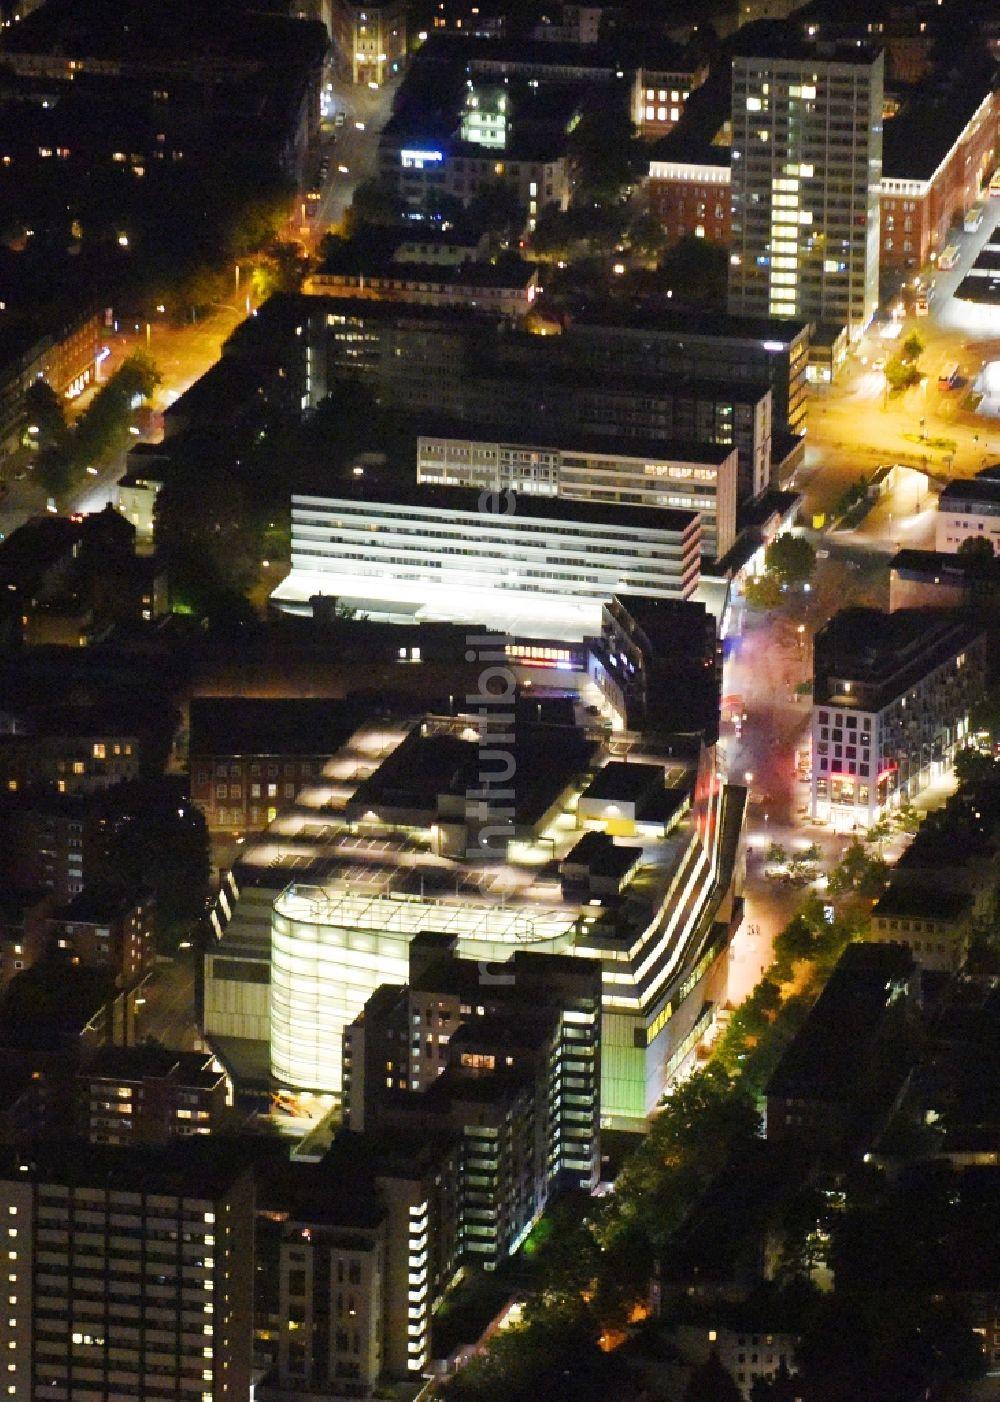 Hamburg Bei Nacht Von Oben Nachtluftbild Gebäude Des